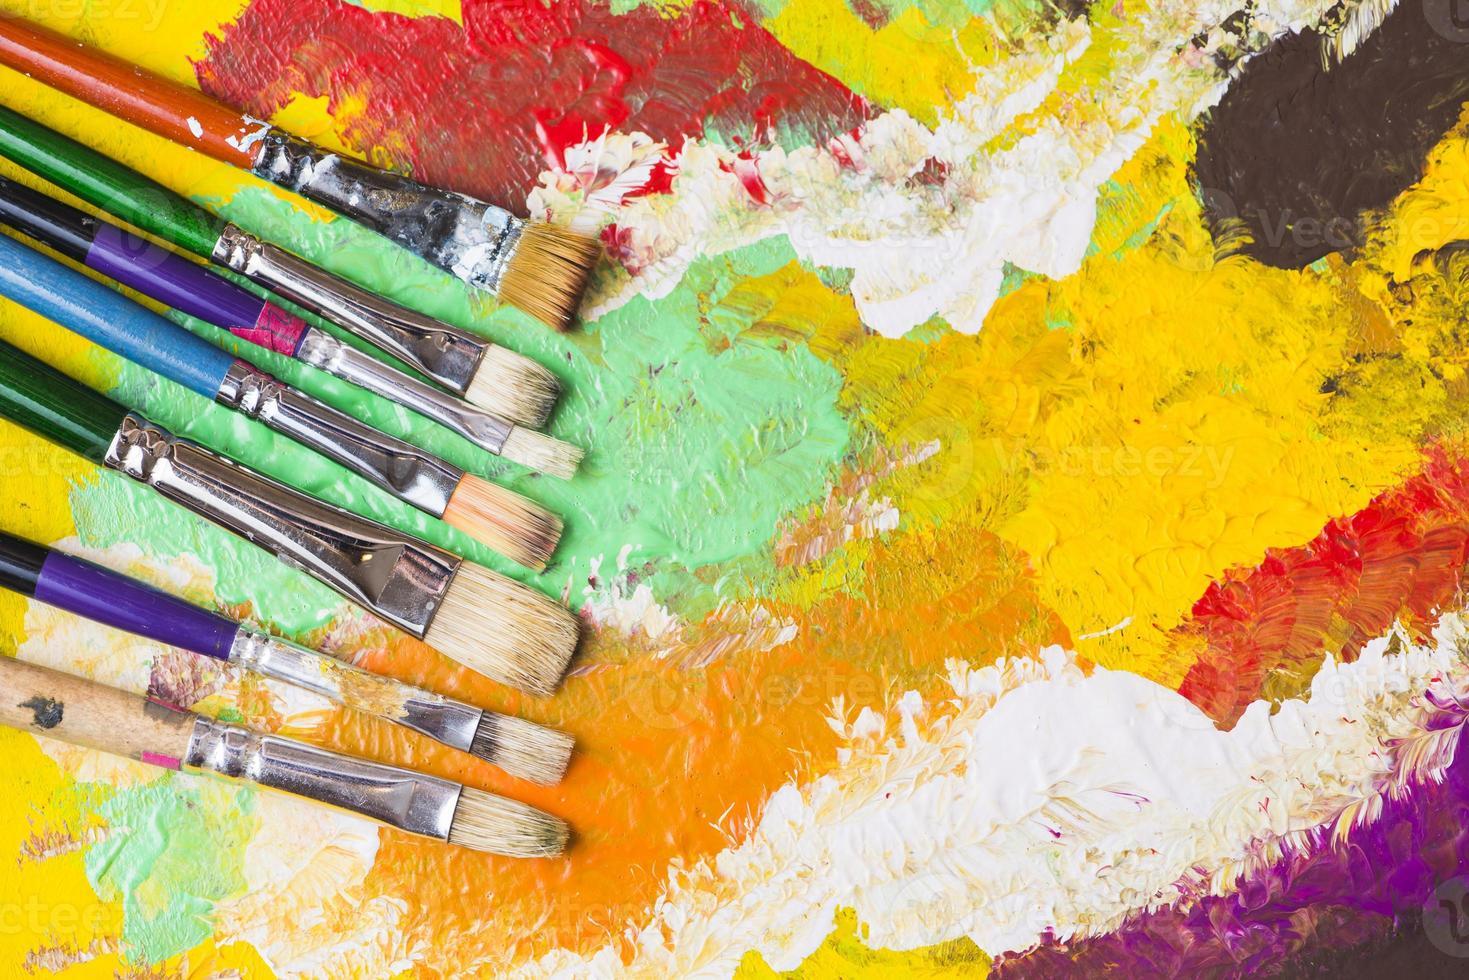 pincéis sobre fundo colorido foto